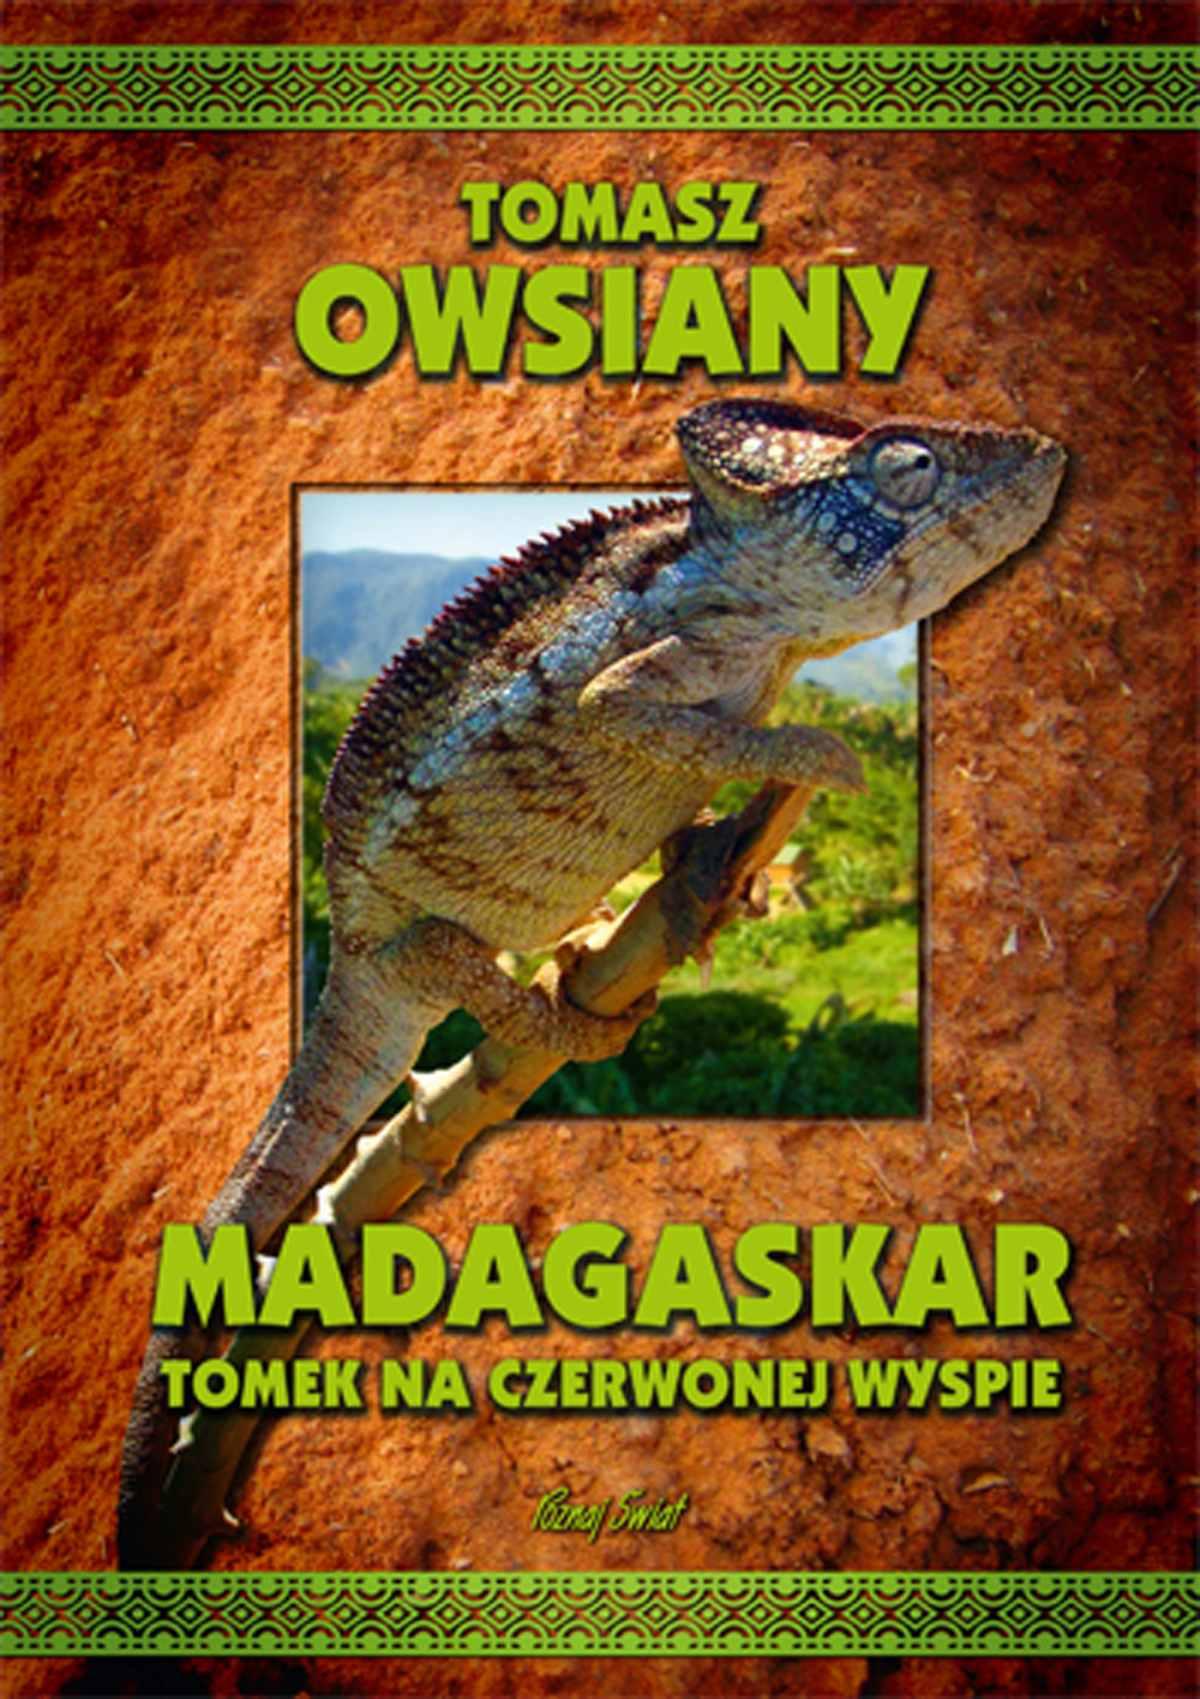 Madagaskar. Tomek na czerwonej wyspie - Ebook (Książka na Kindle) do pobrania w formacie MOBI